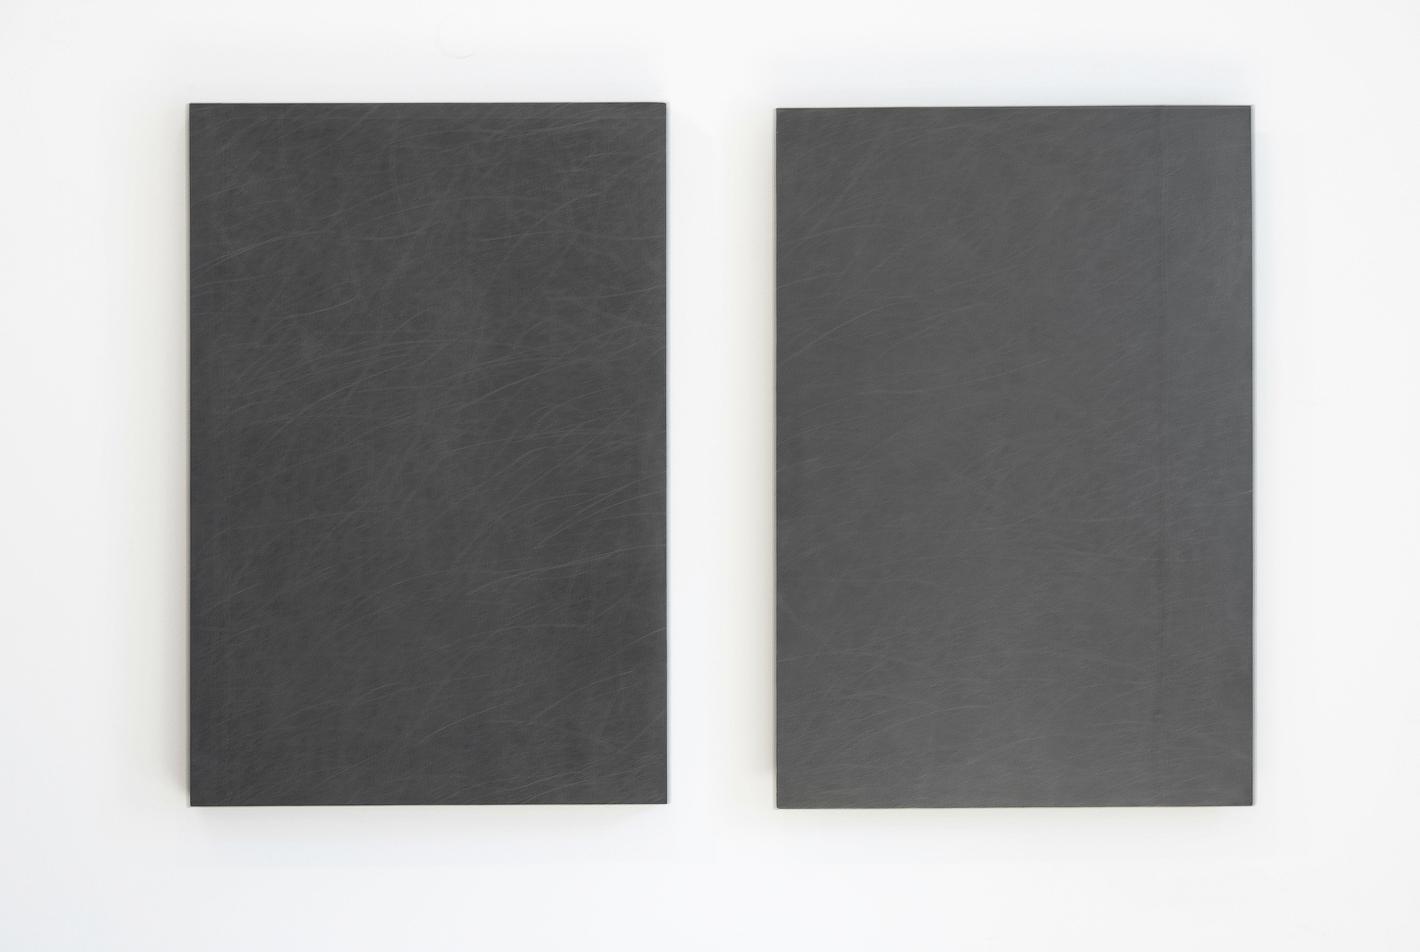 grafit, les, dvakrat 100 x 68 cm, 1998